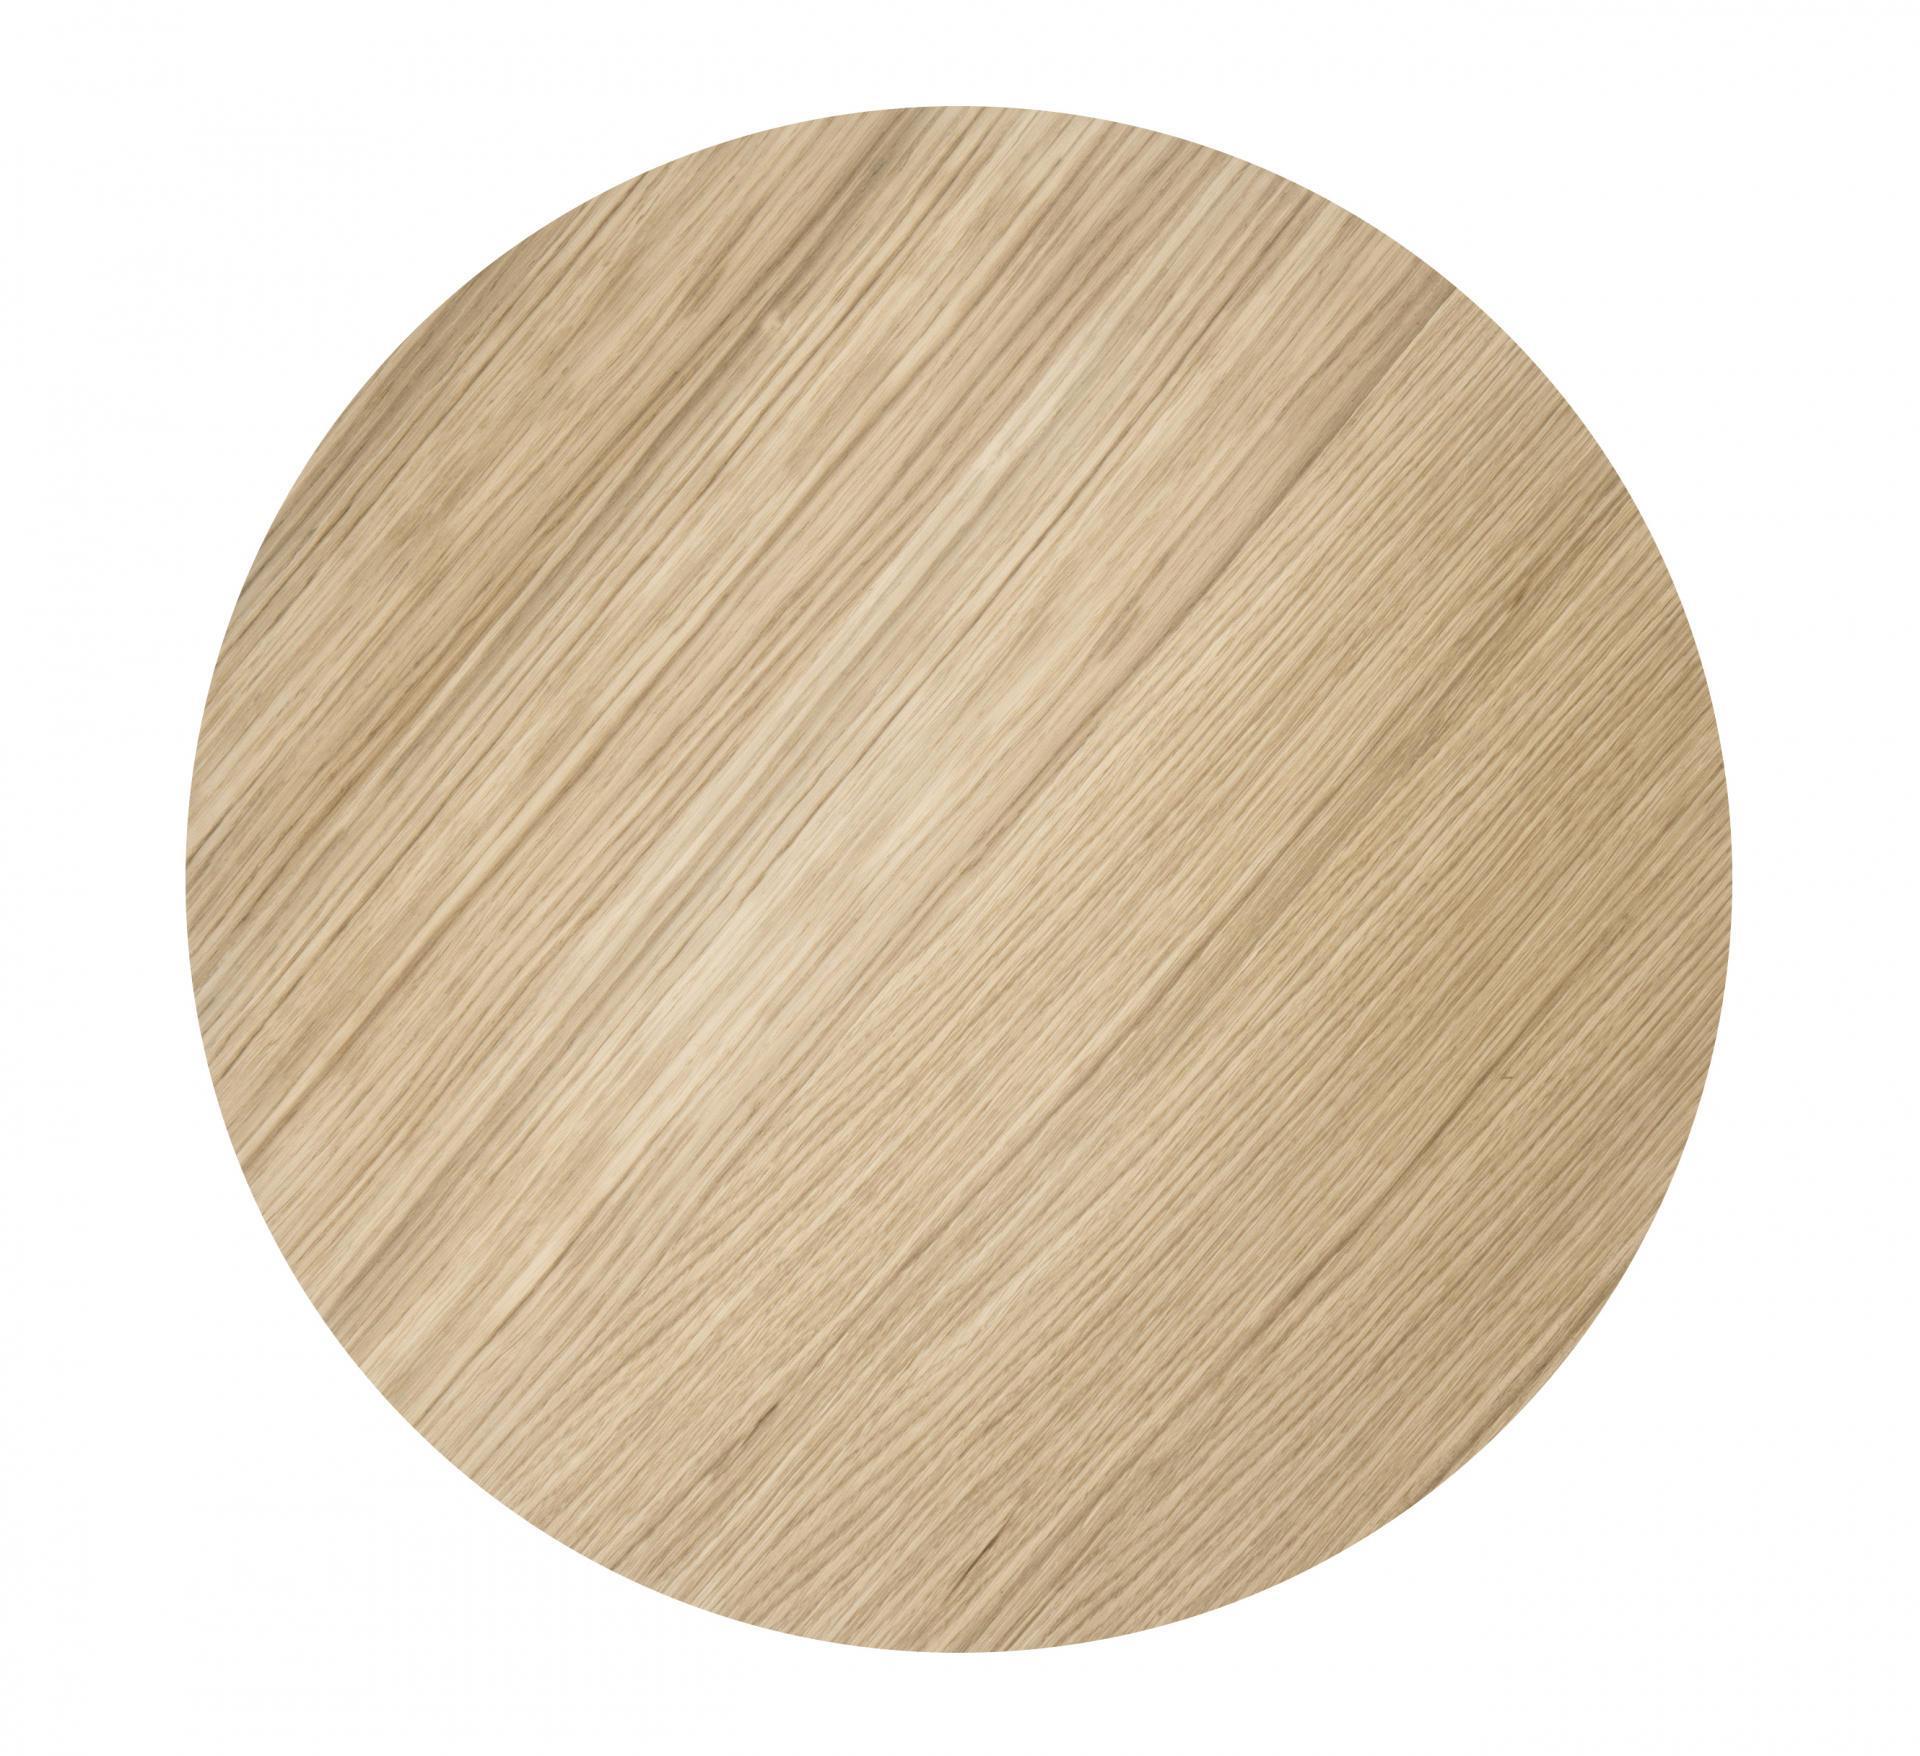 ferm LIVING Dřevěný poklop na drátěný koš Oiled Oak - small, hnědá barva, přírodní barva, dřevo